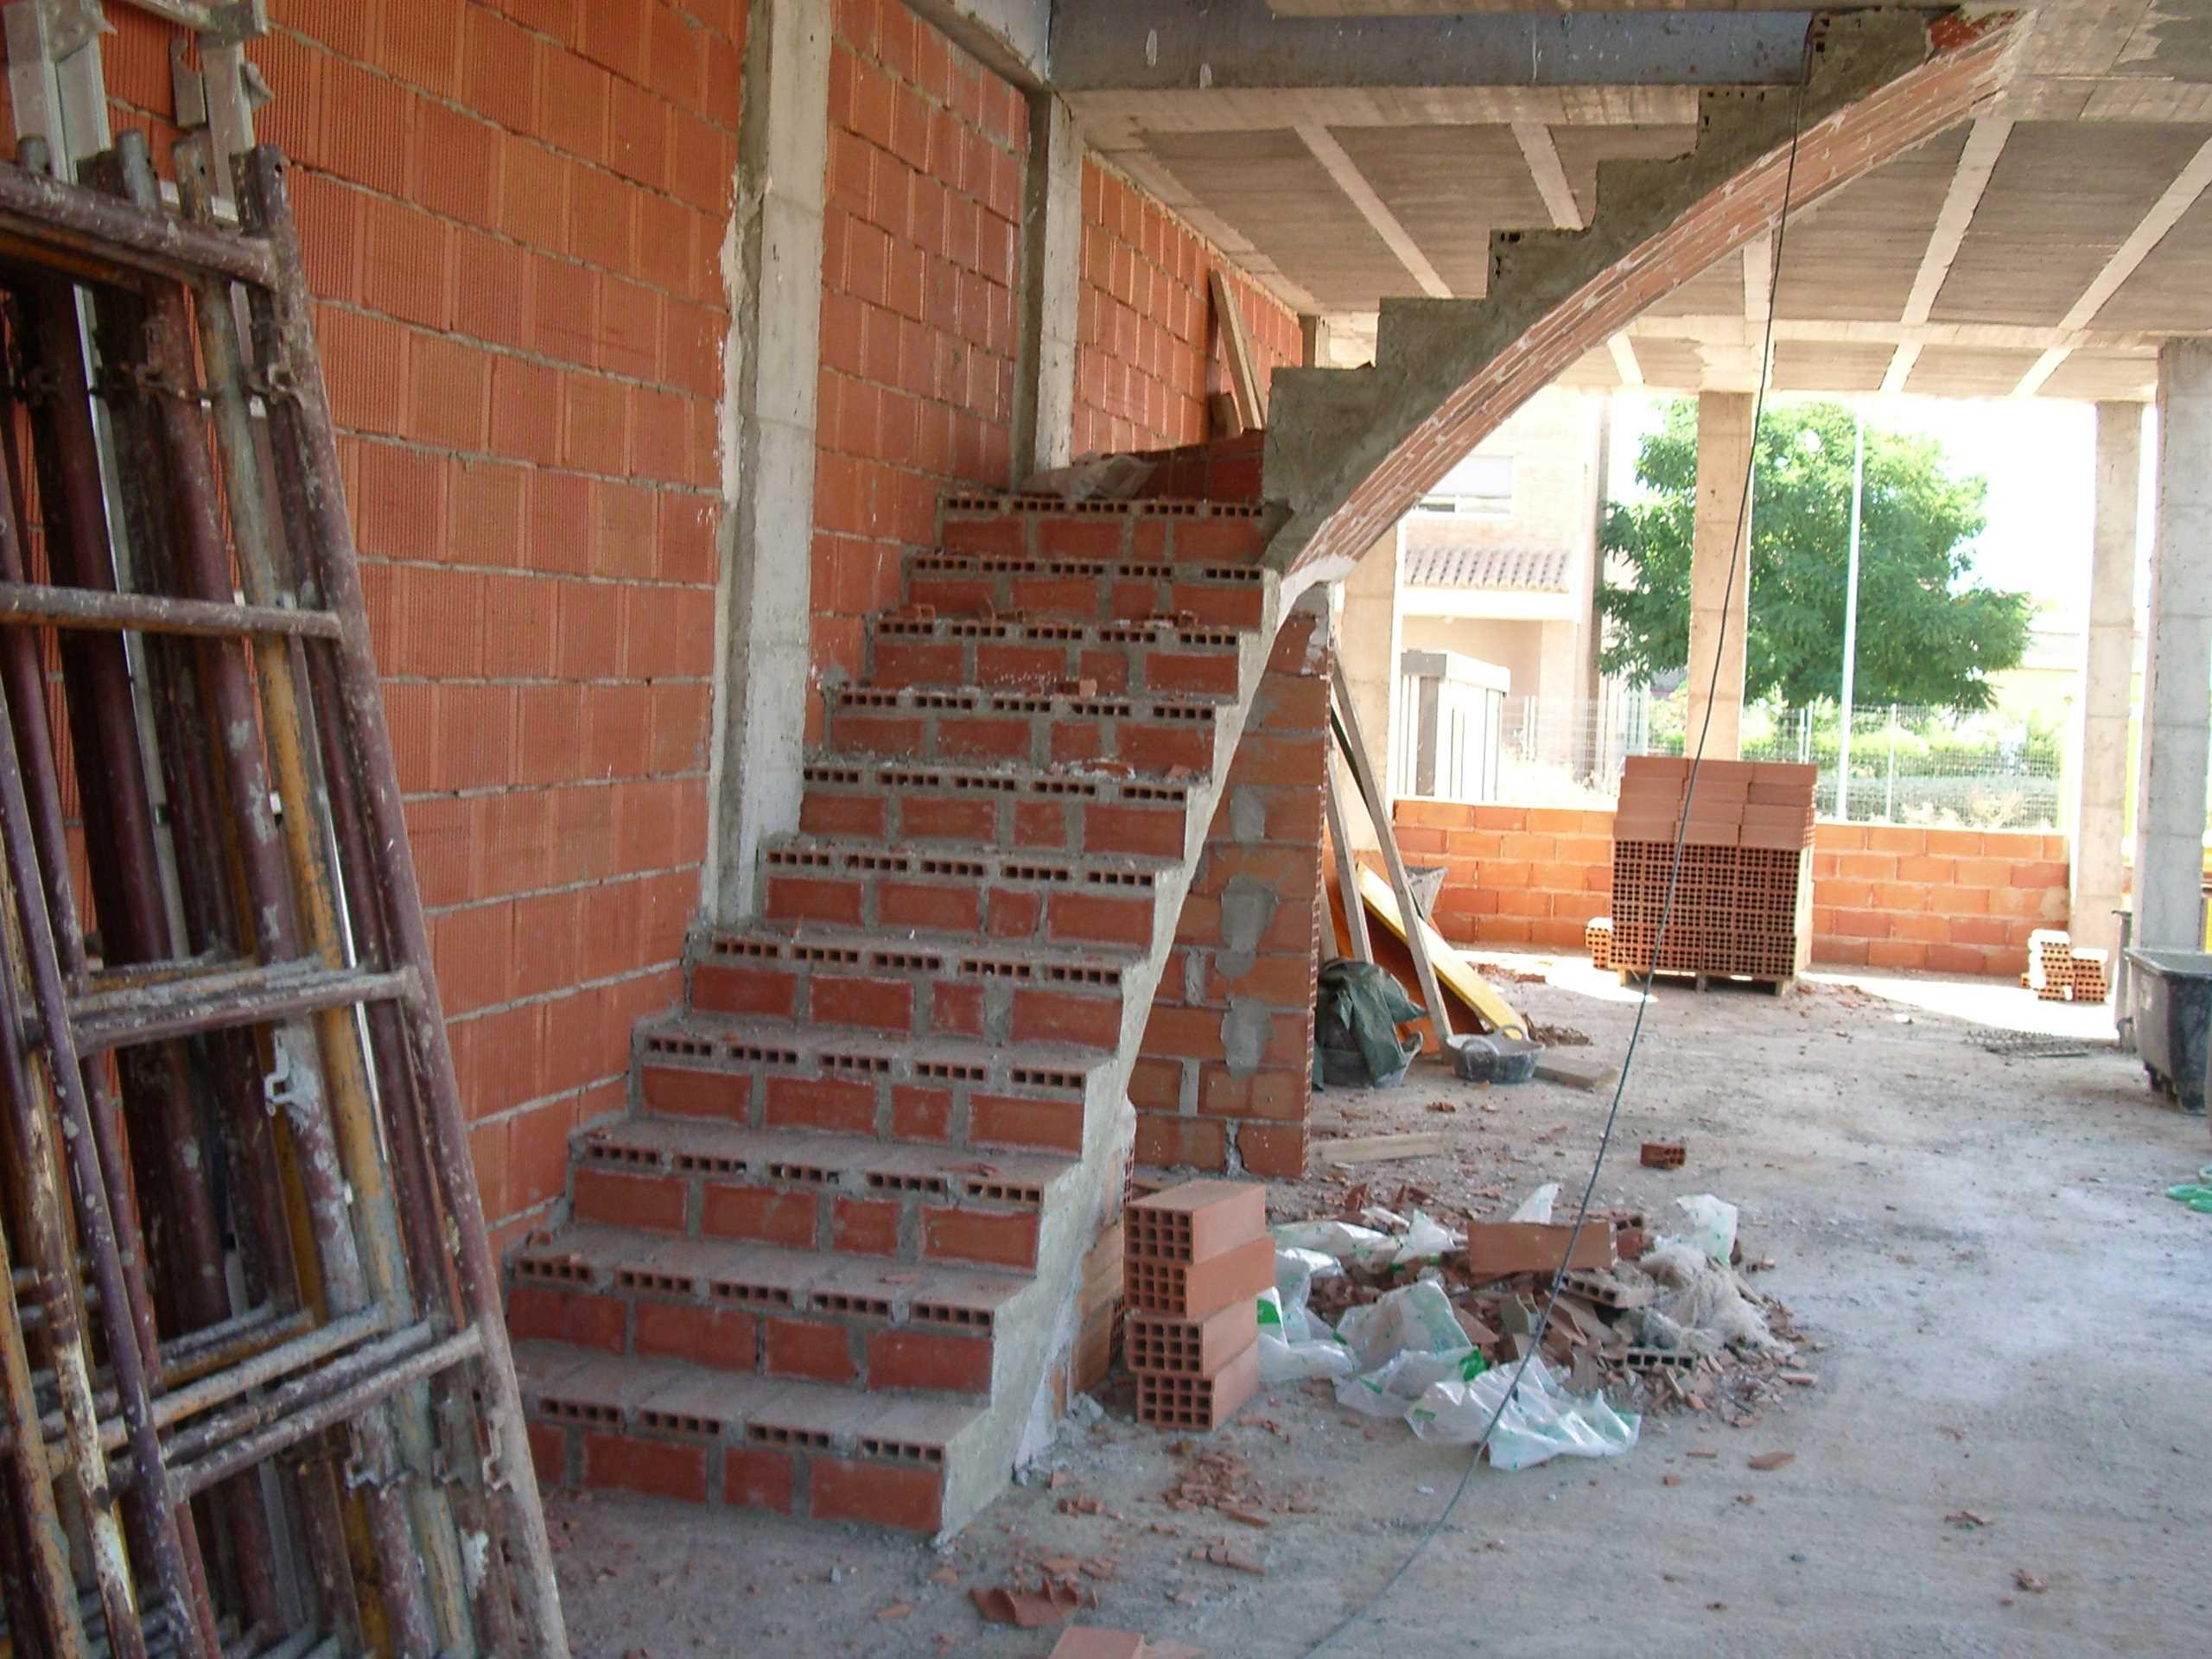 Escaleras clavel 4 generaci n de escaleros en valencia - Escaleras al aire ...